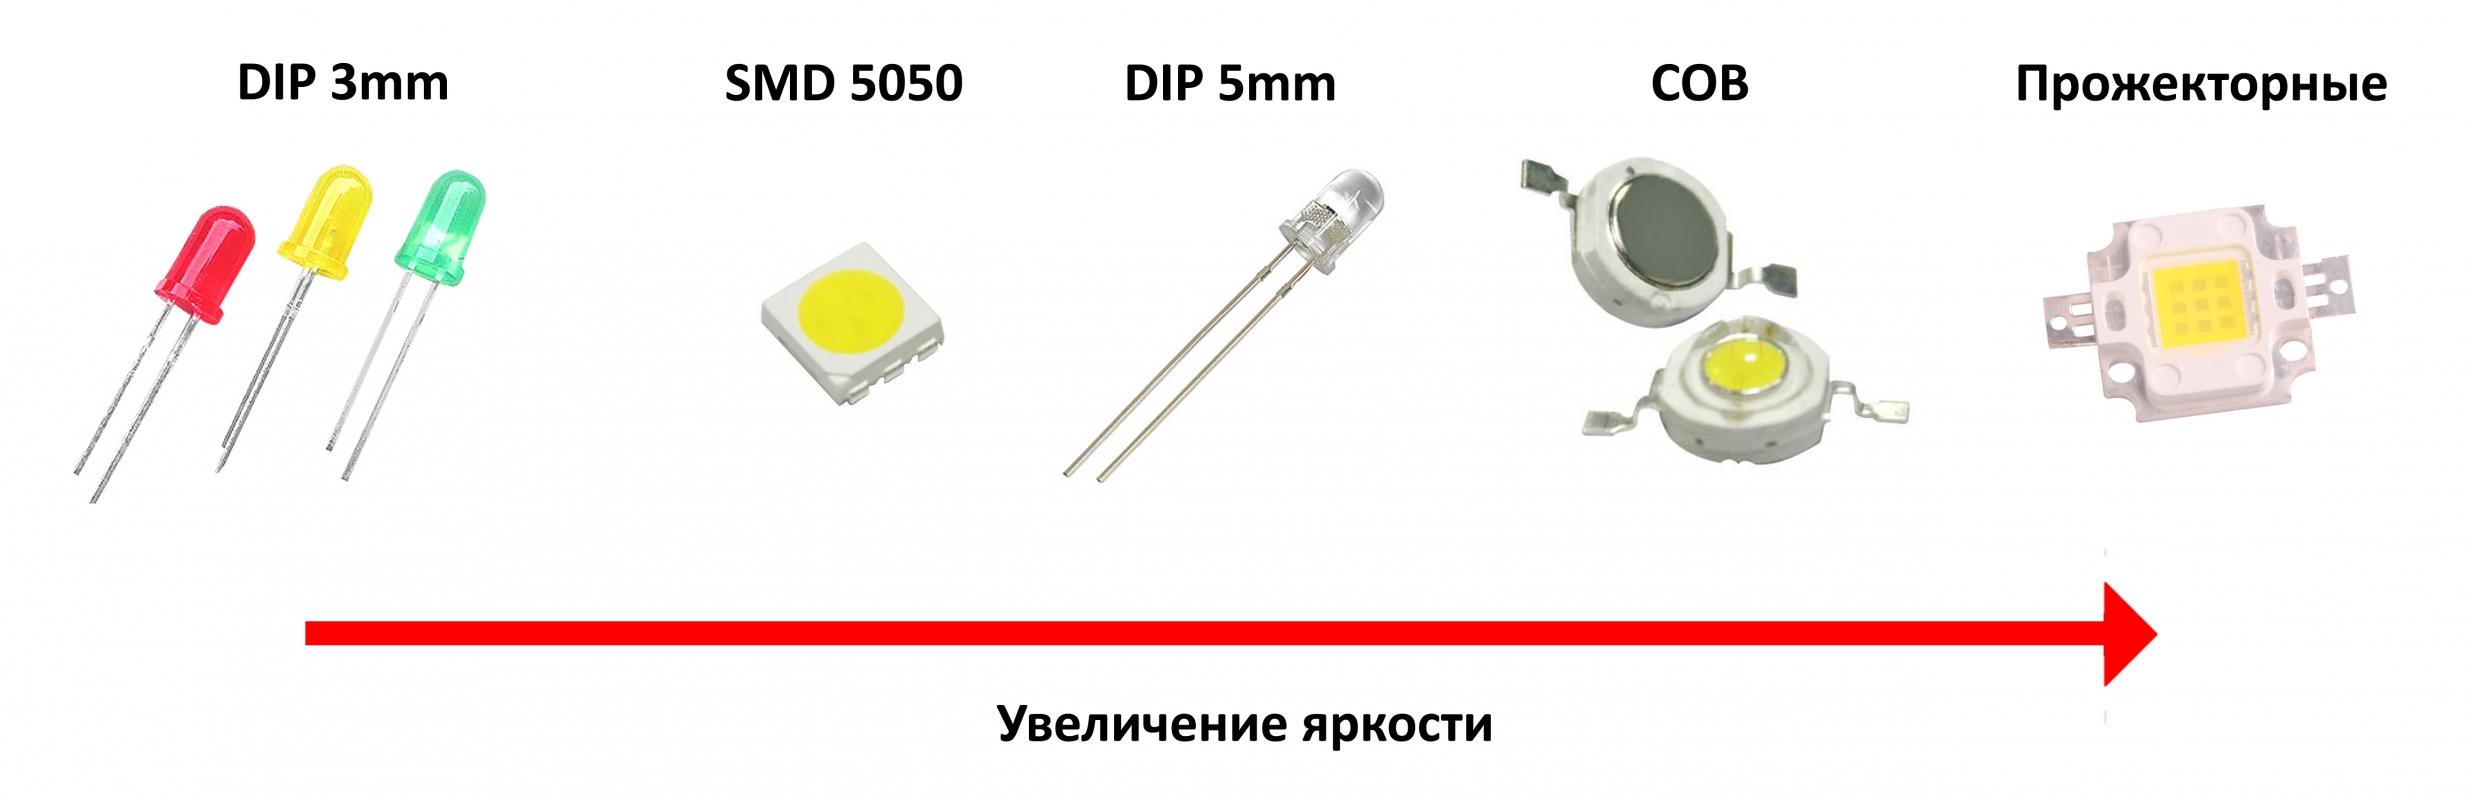 Які світлодіоди вибрати? Порівняння моделей